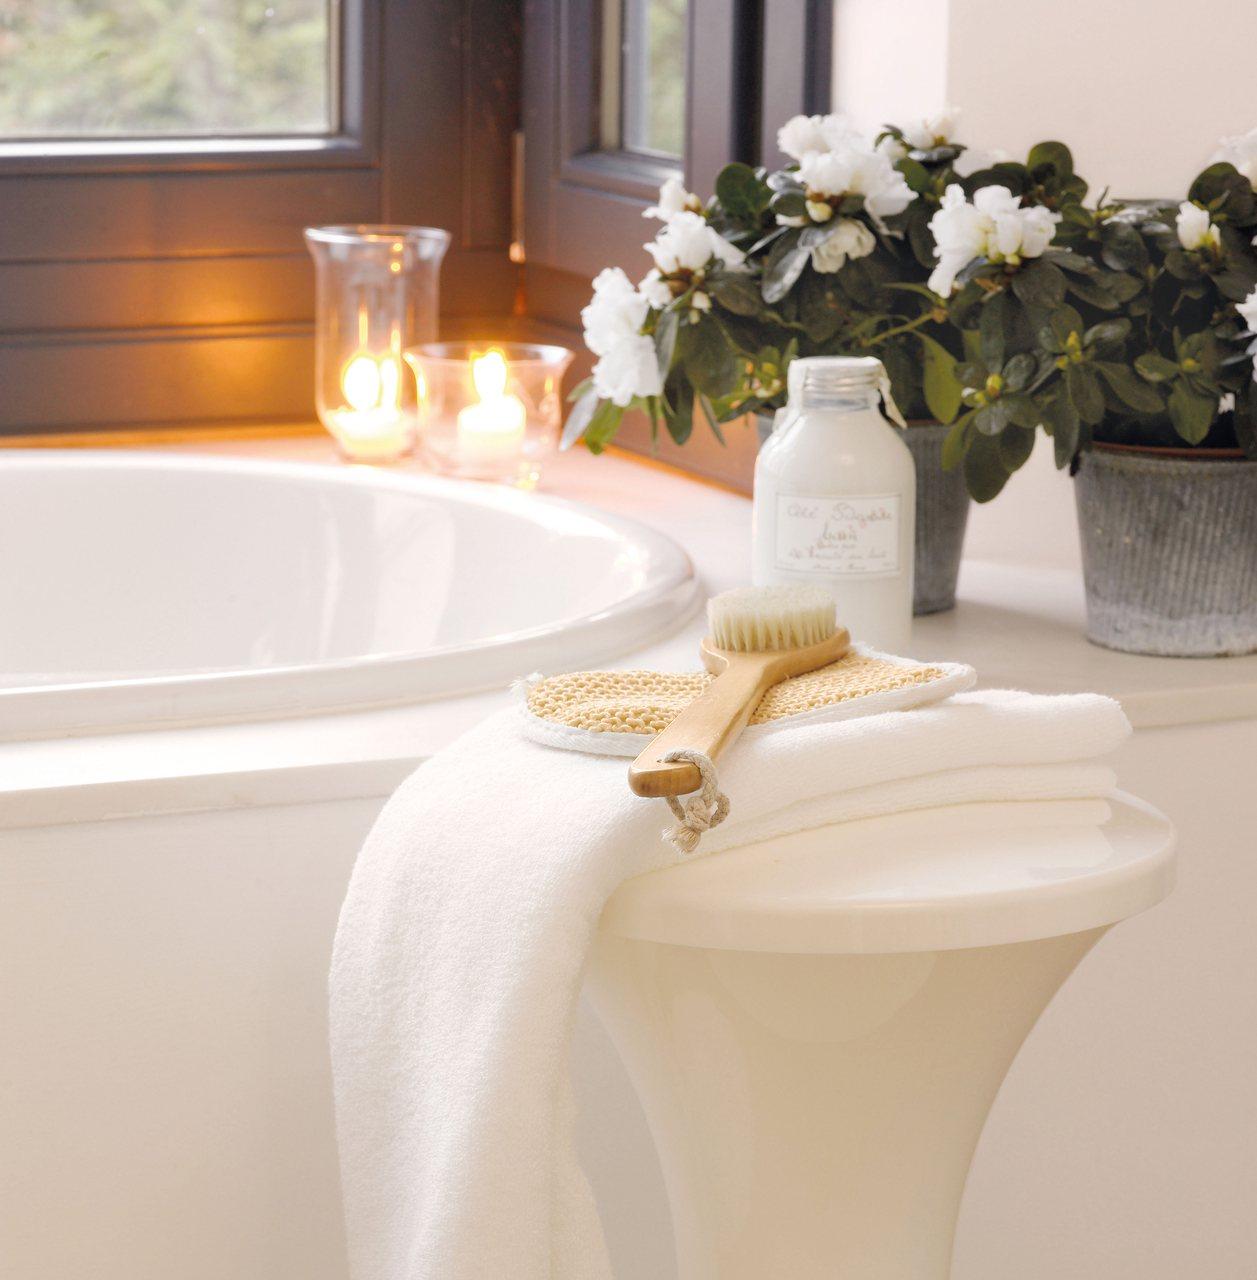 Limpieza de primavera 25 trucos para cuidar la casa - Limpiar bano a fondo ...